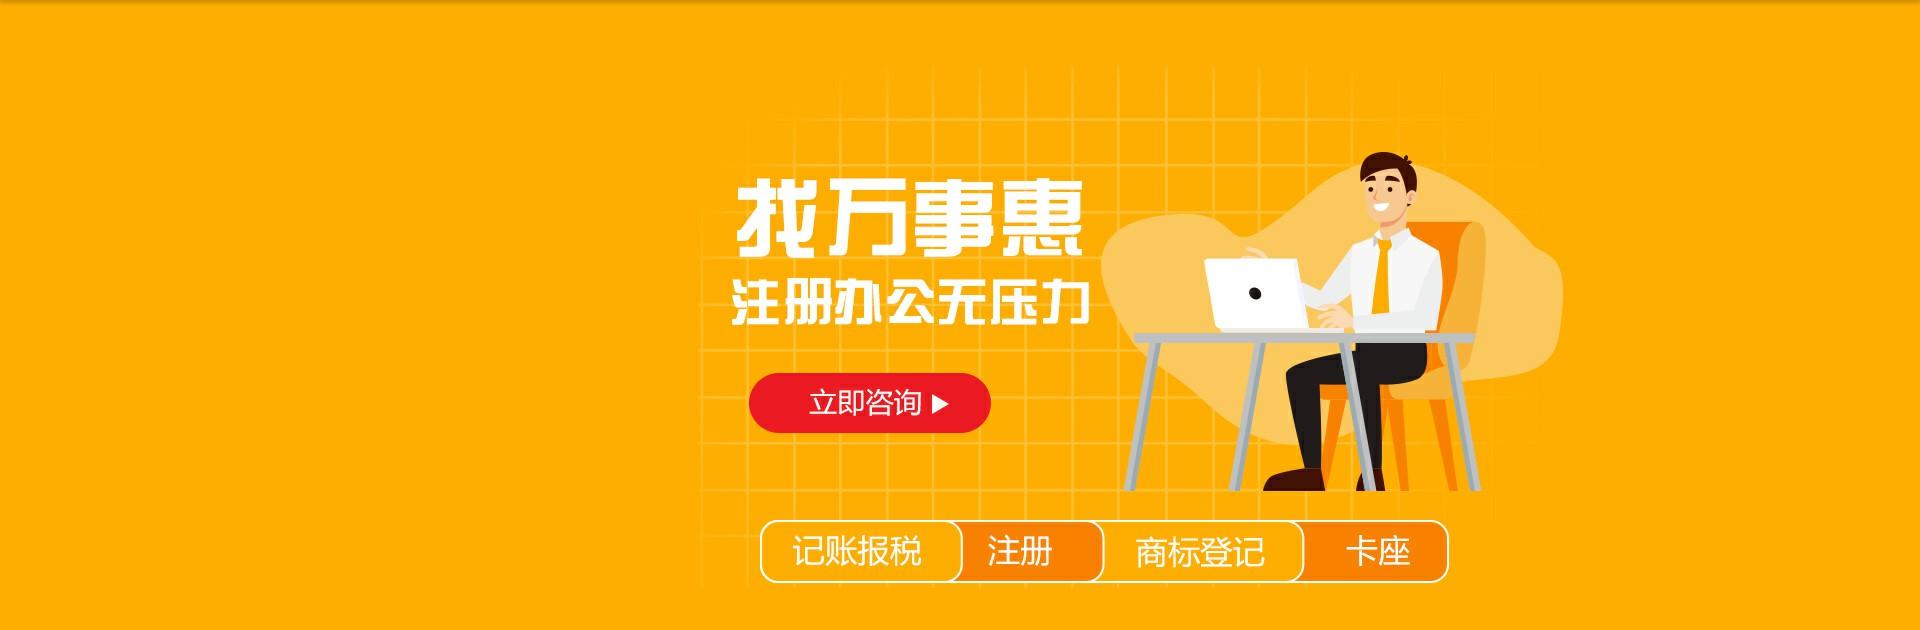 公司名称变更_深圳公司名字变更流程及材料_换掉公司名称手续-万事惠